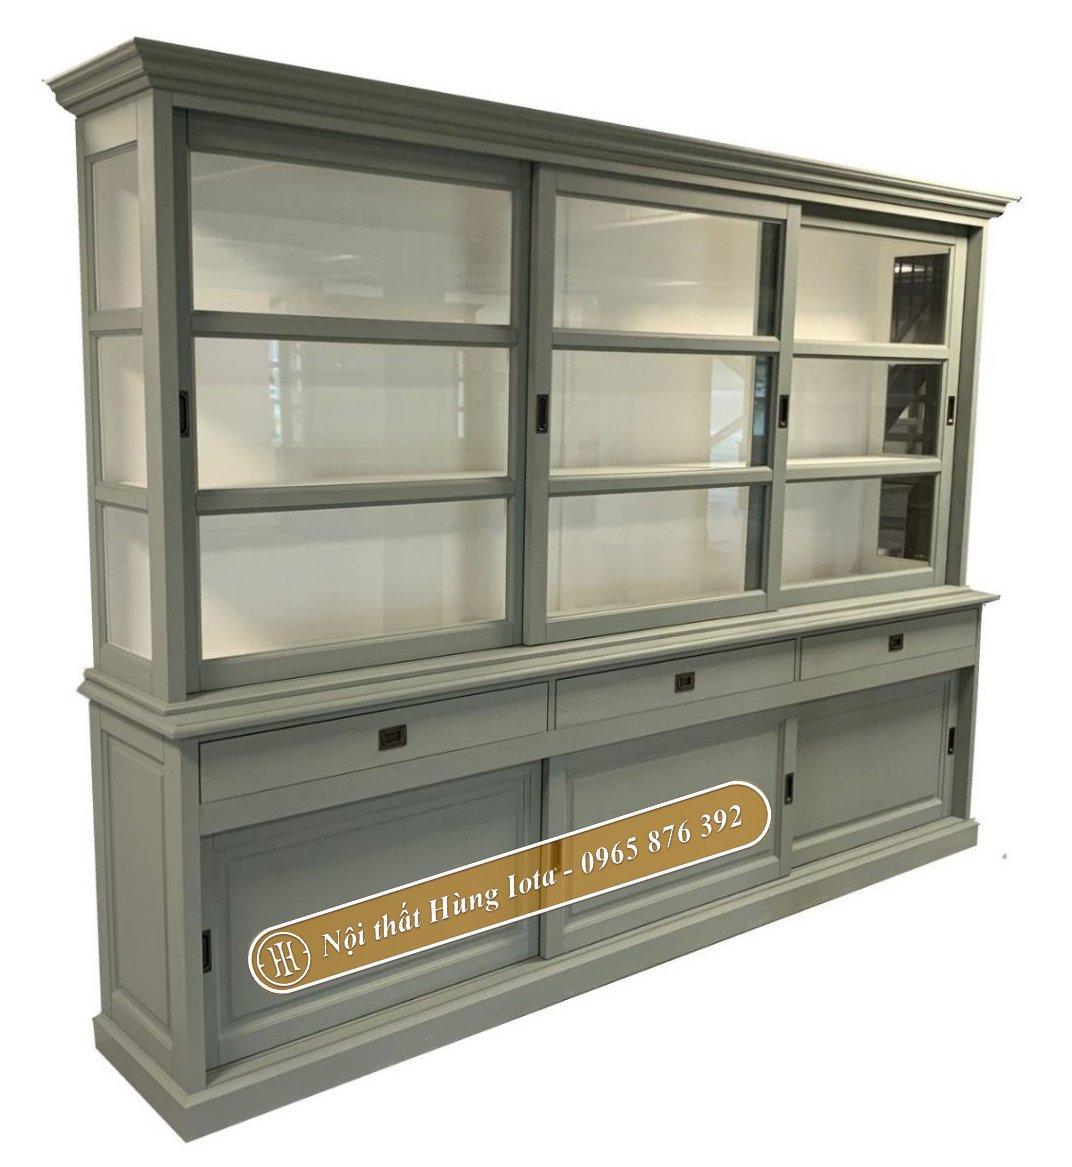 Tủ đựng đồ bằng gỗ thông màu xanh rêu cổ điển